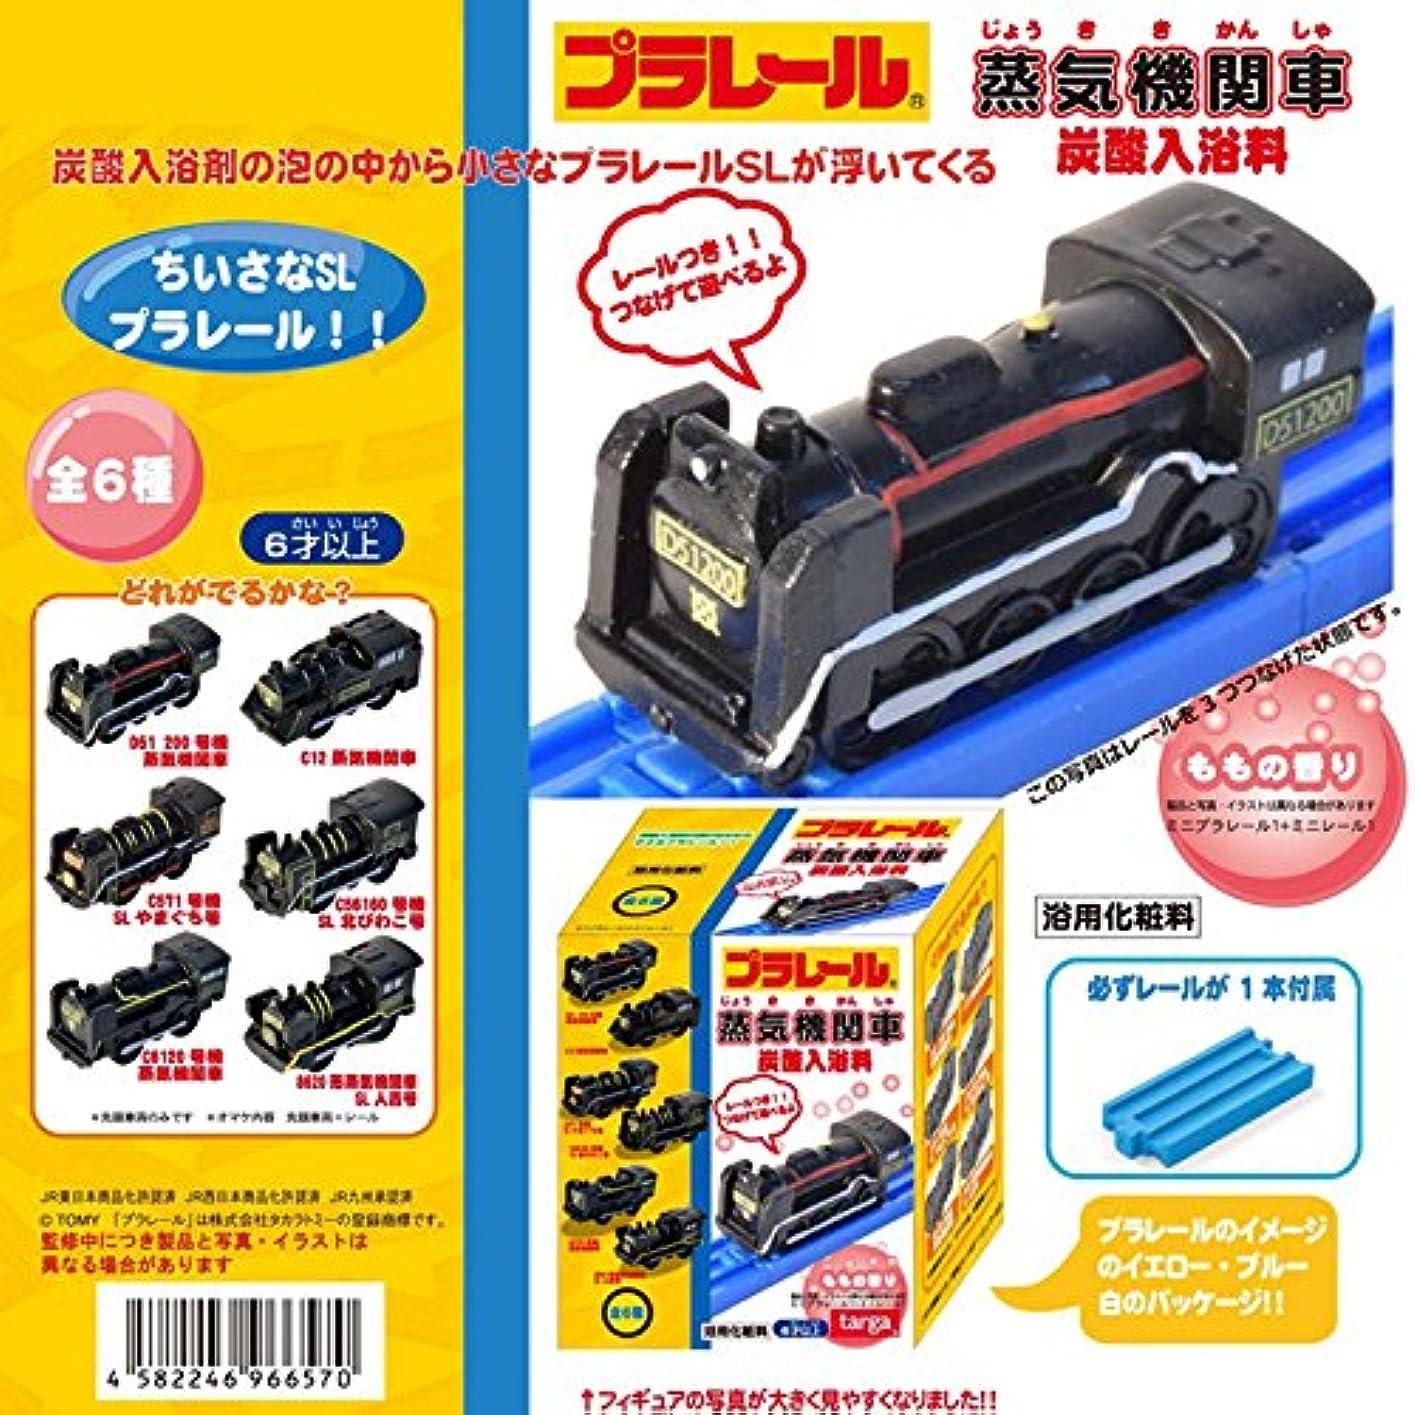 とにかく置くためにパッククリエイティブプラレール 蒸気機関車 炭酸入浴料 6個1セット ももの香り レールつき機関車 入浴剤